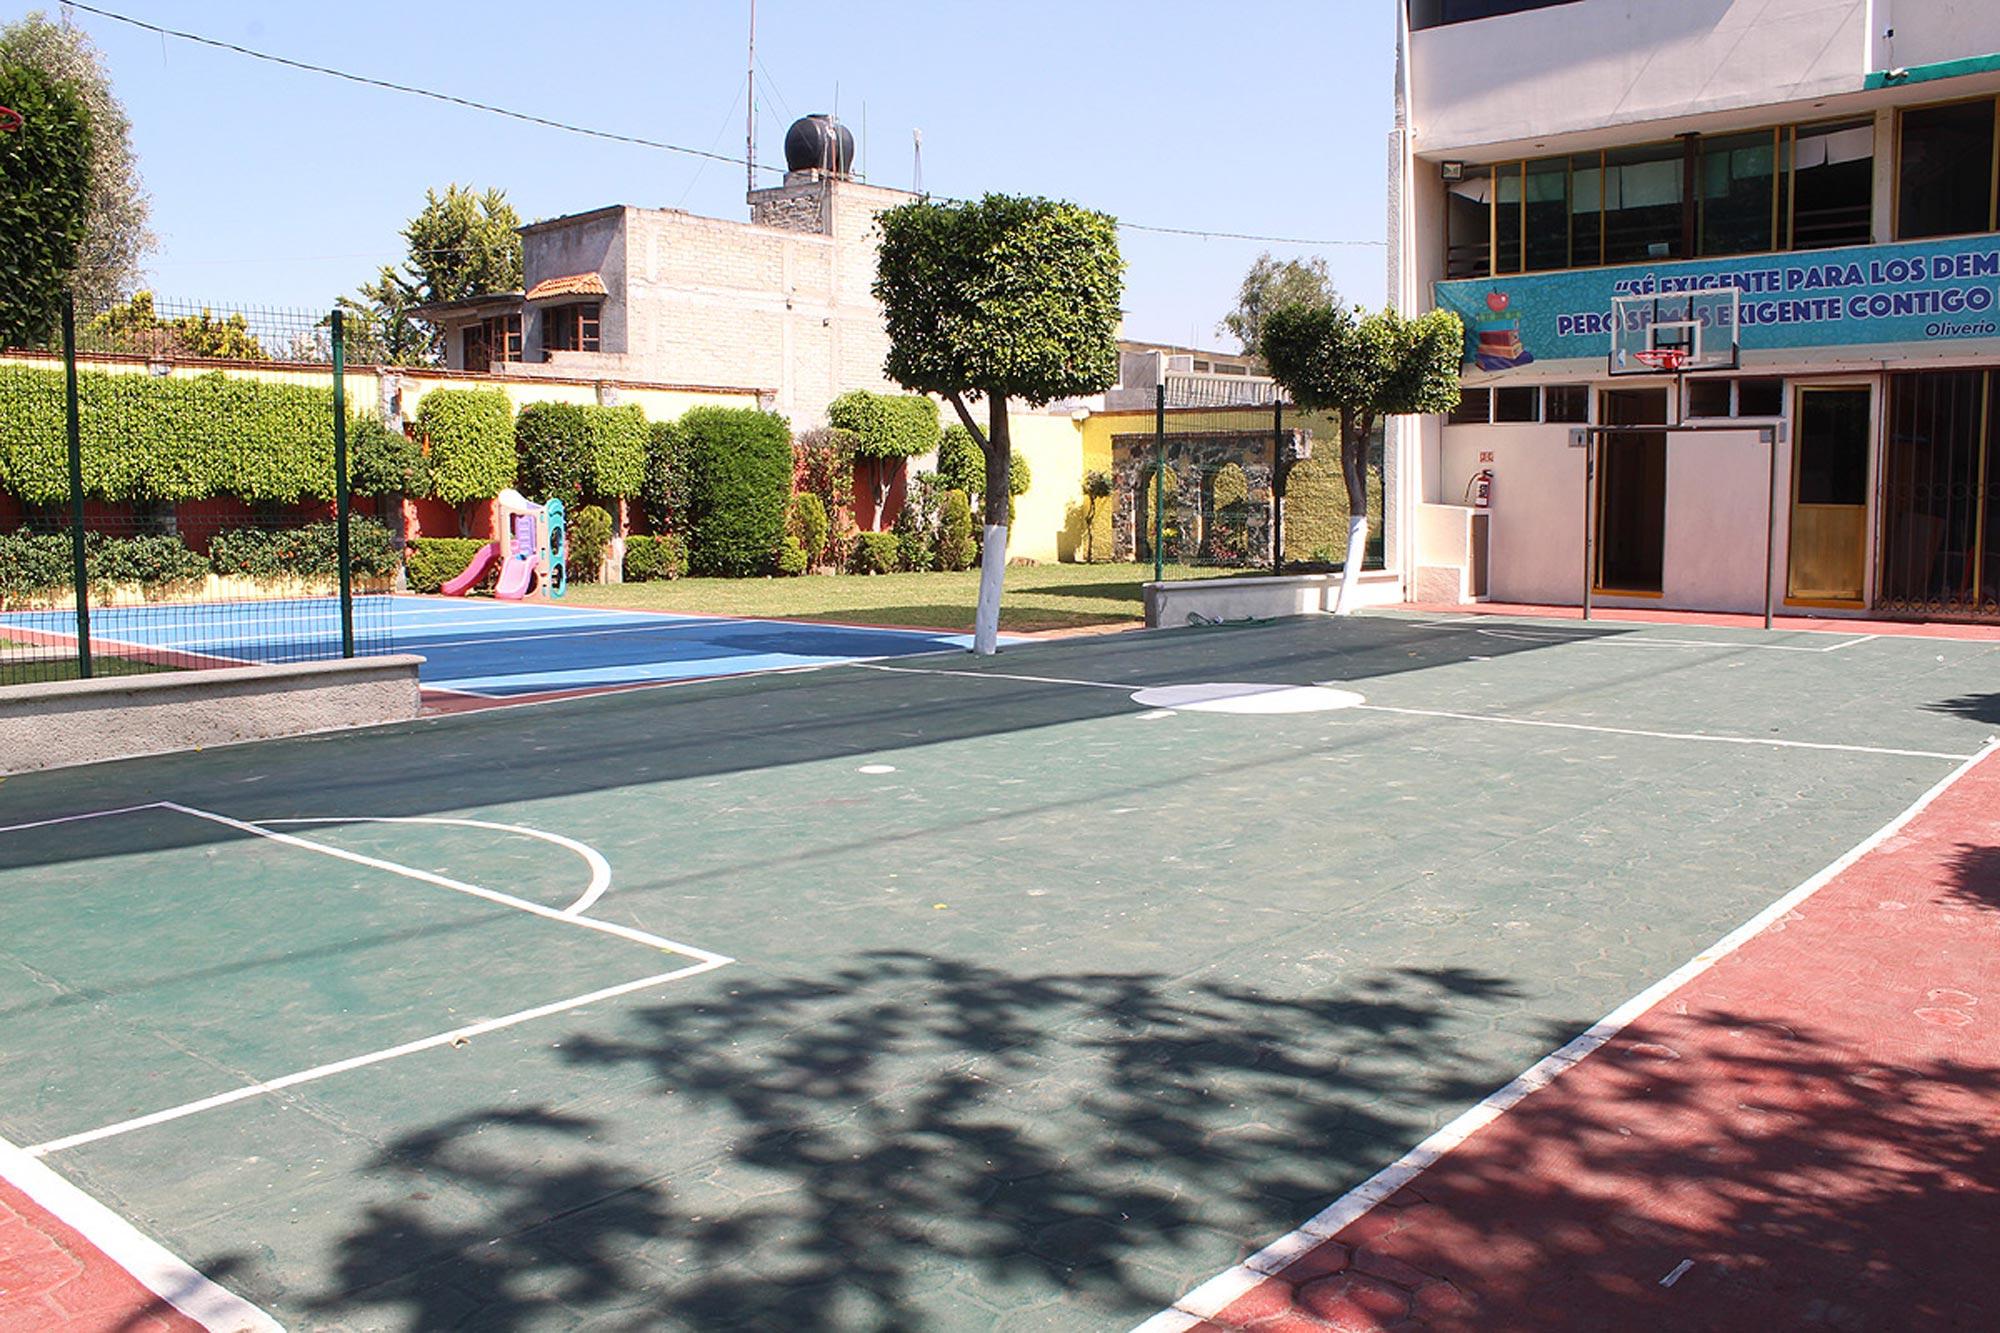 OliverioCromwell-xochimilco-instalaciones-3